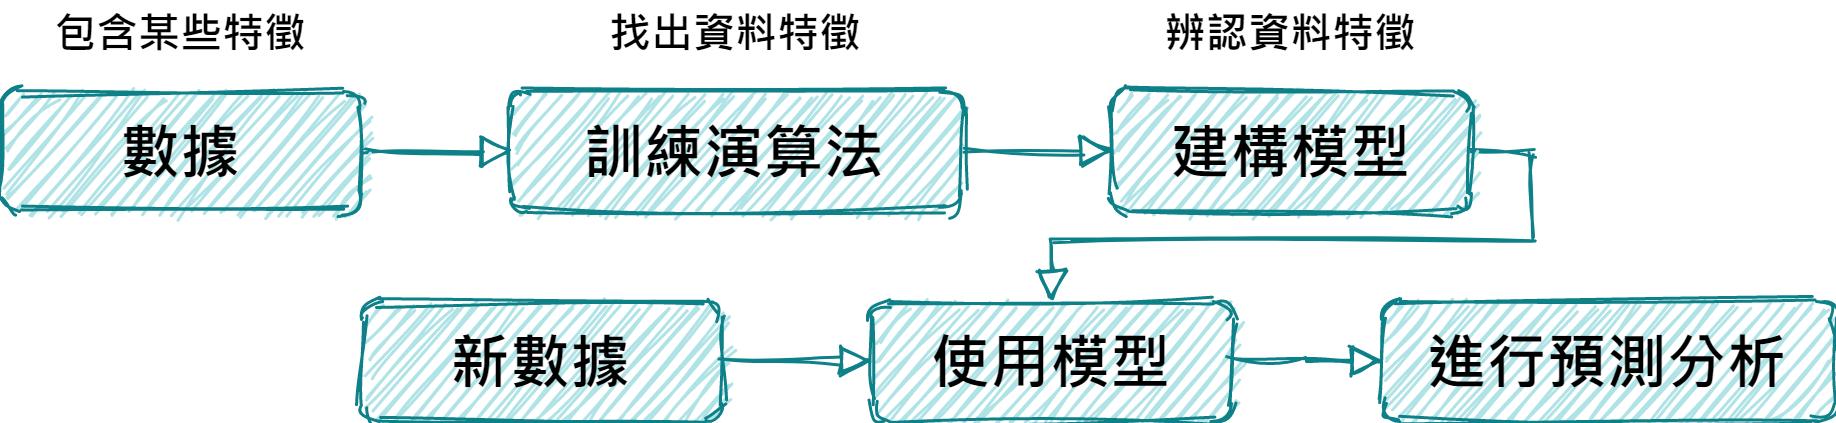 ML pipeline TW